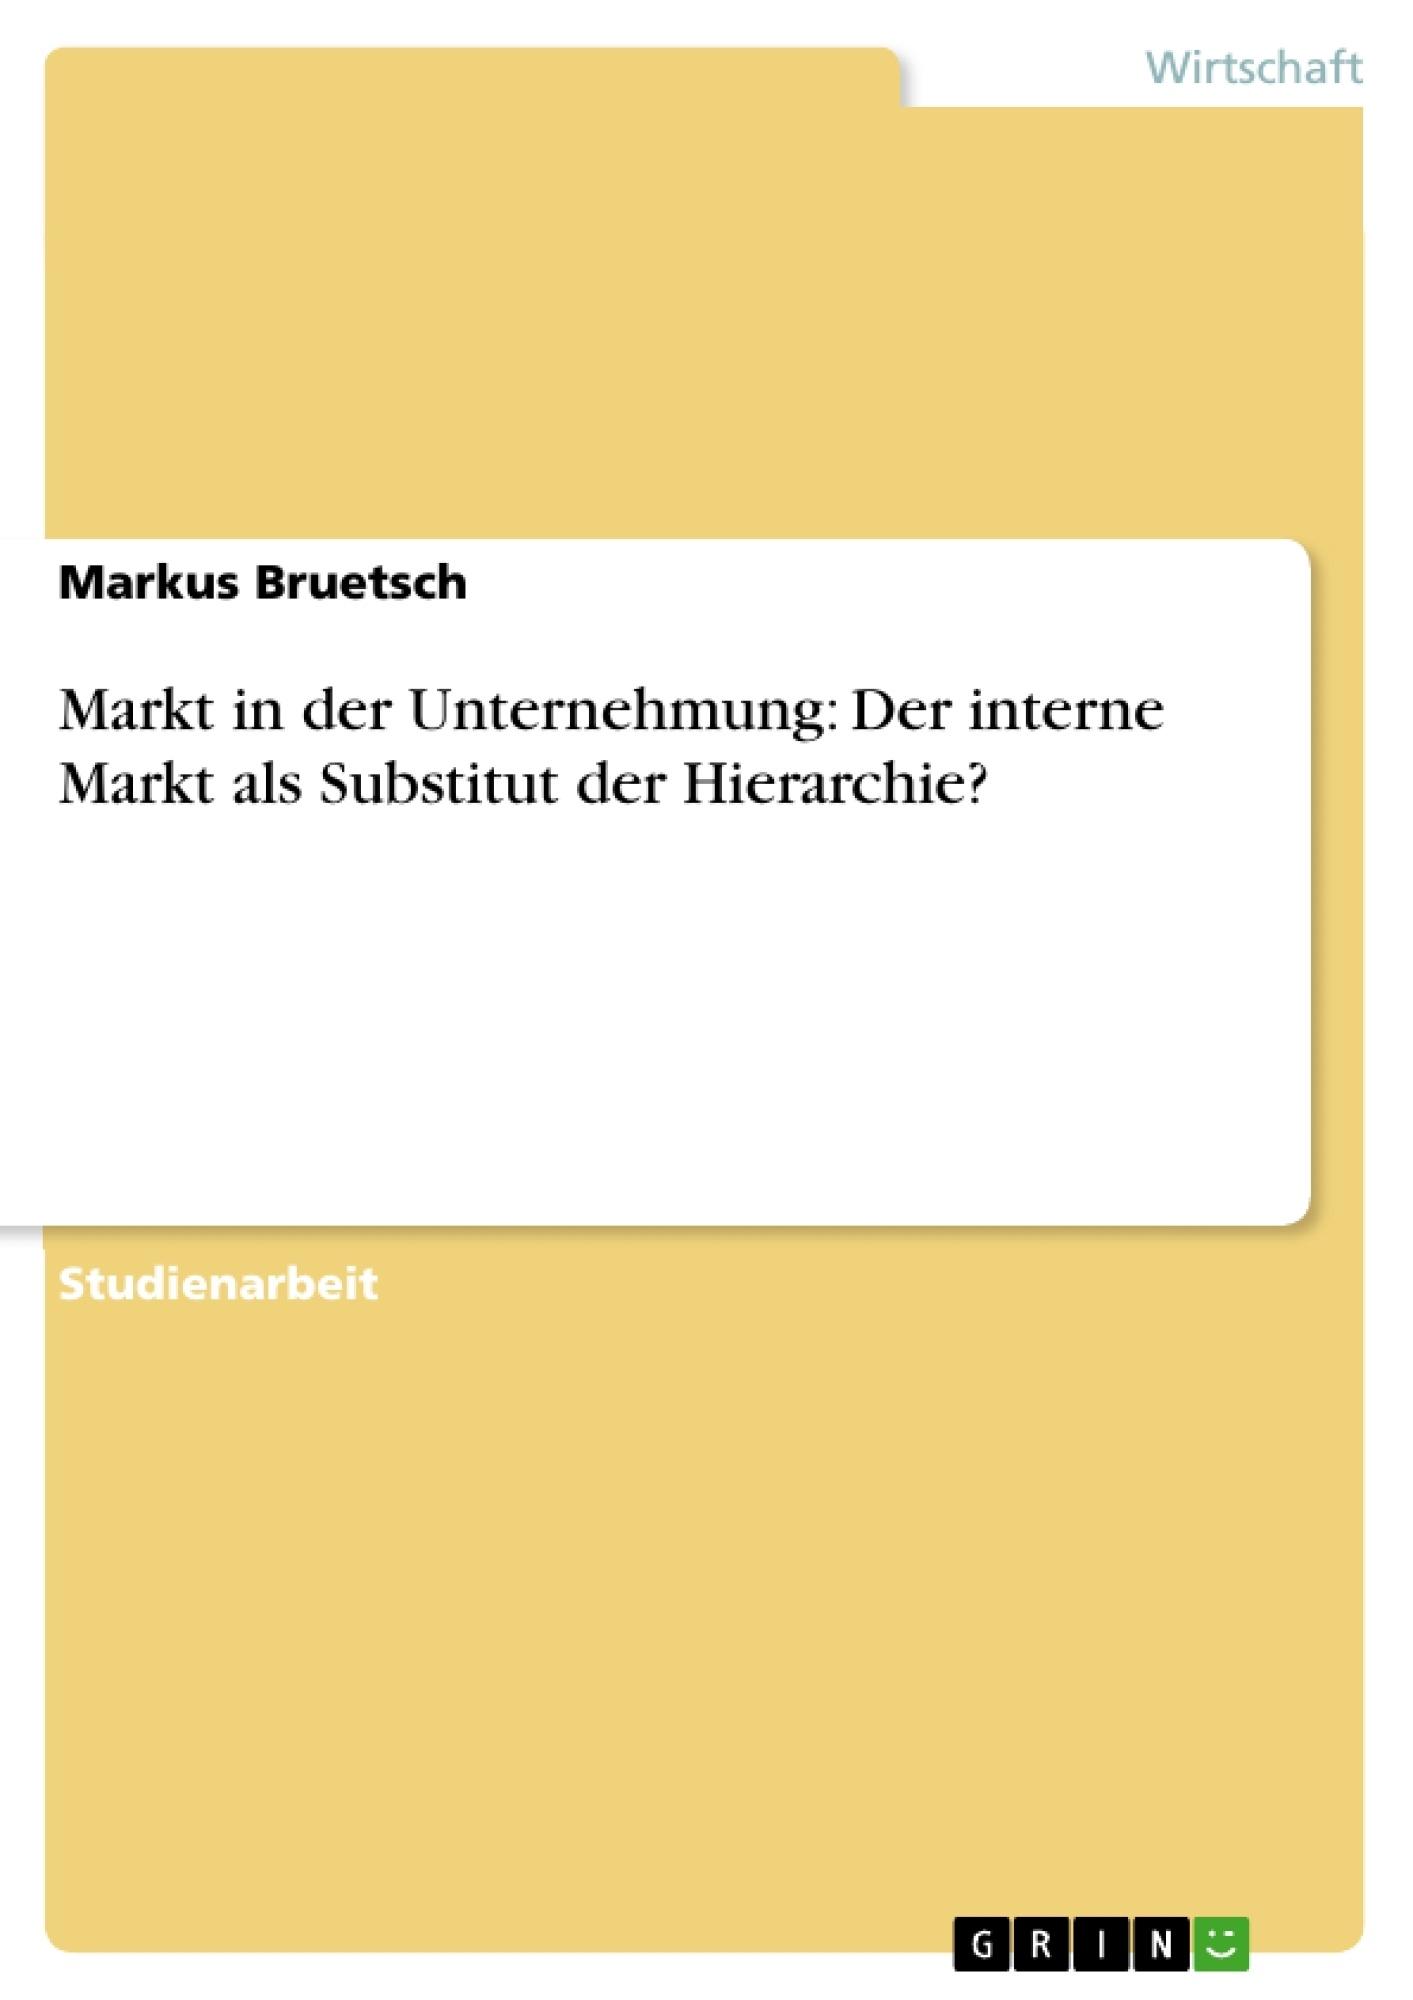 Titel: Markt in der Unternehmung: Der interne Markt als Substitut der Hierarchie?